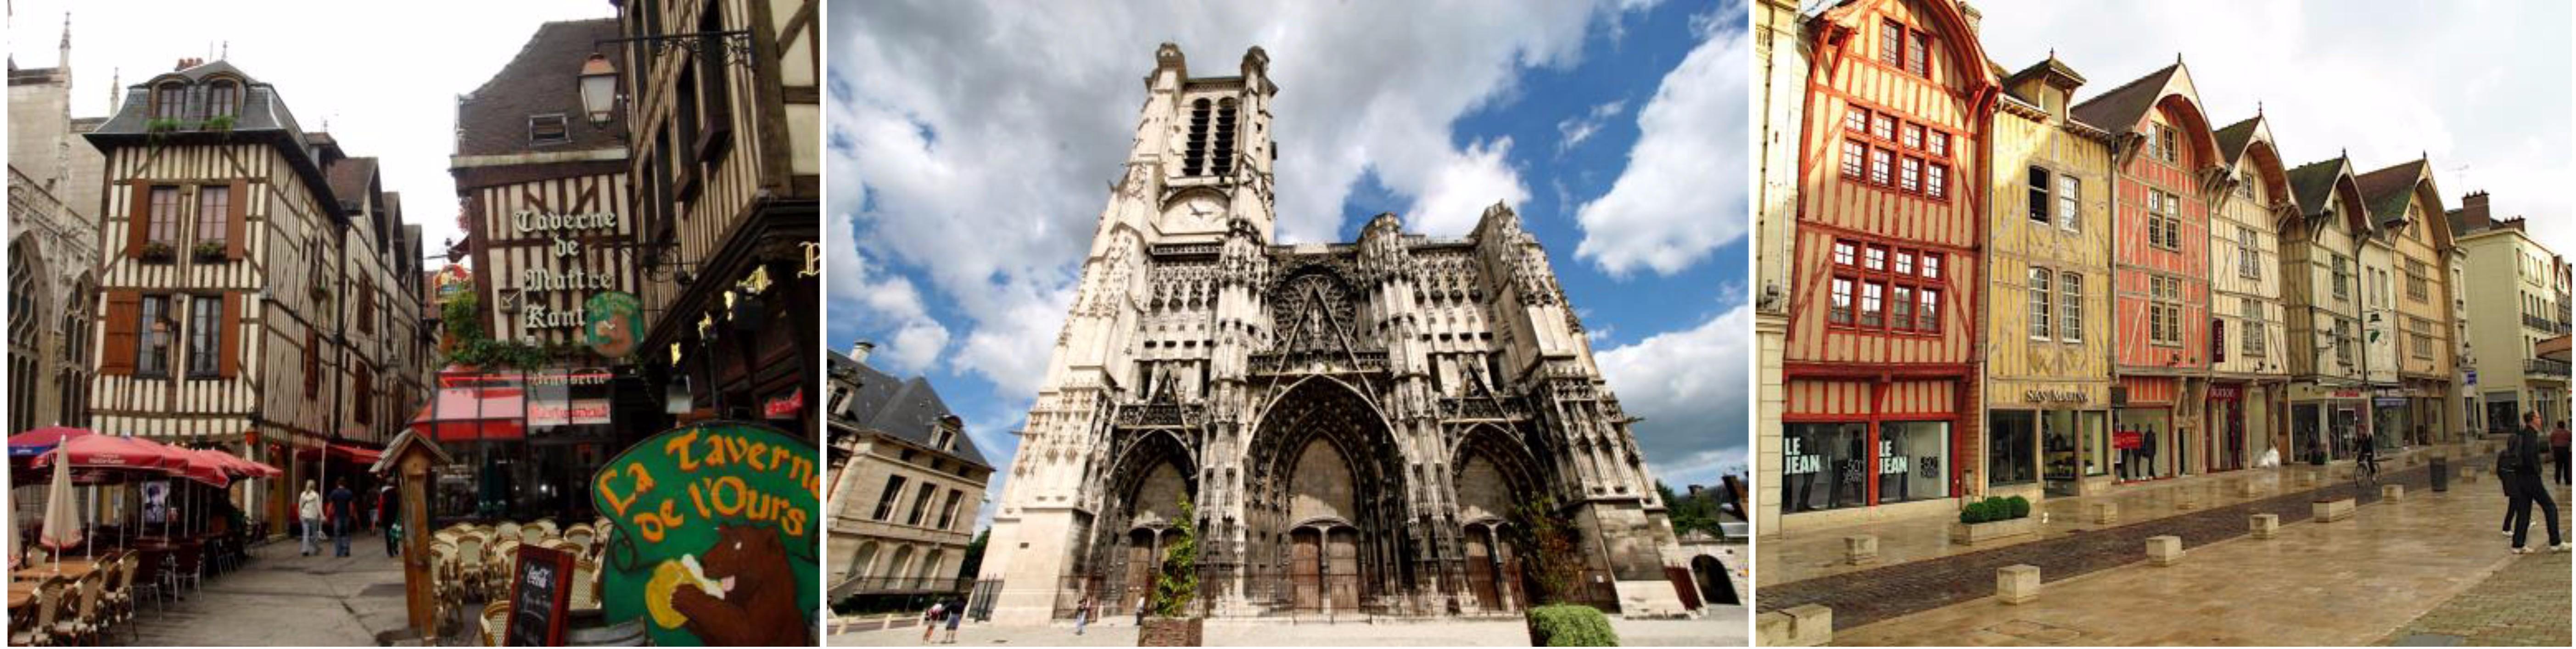 ดิจง – เซอร์มูร์ ออง นกซัวร์ – ทัวห์ – โบสถ์แห่งทัวห์ - 2